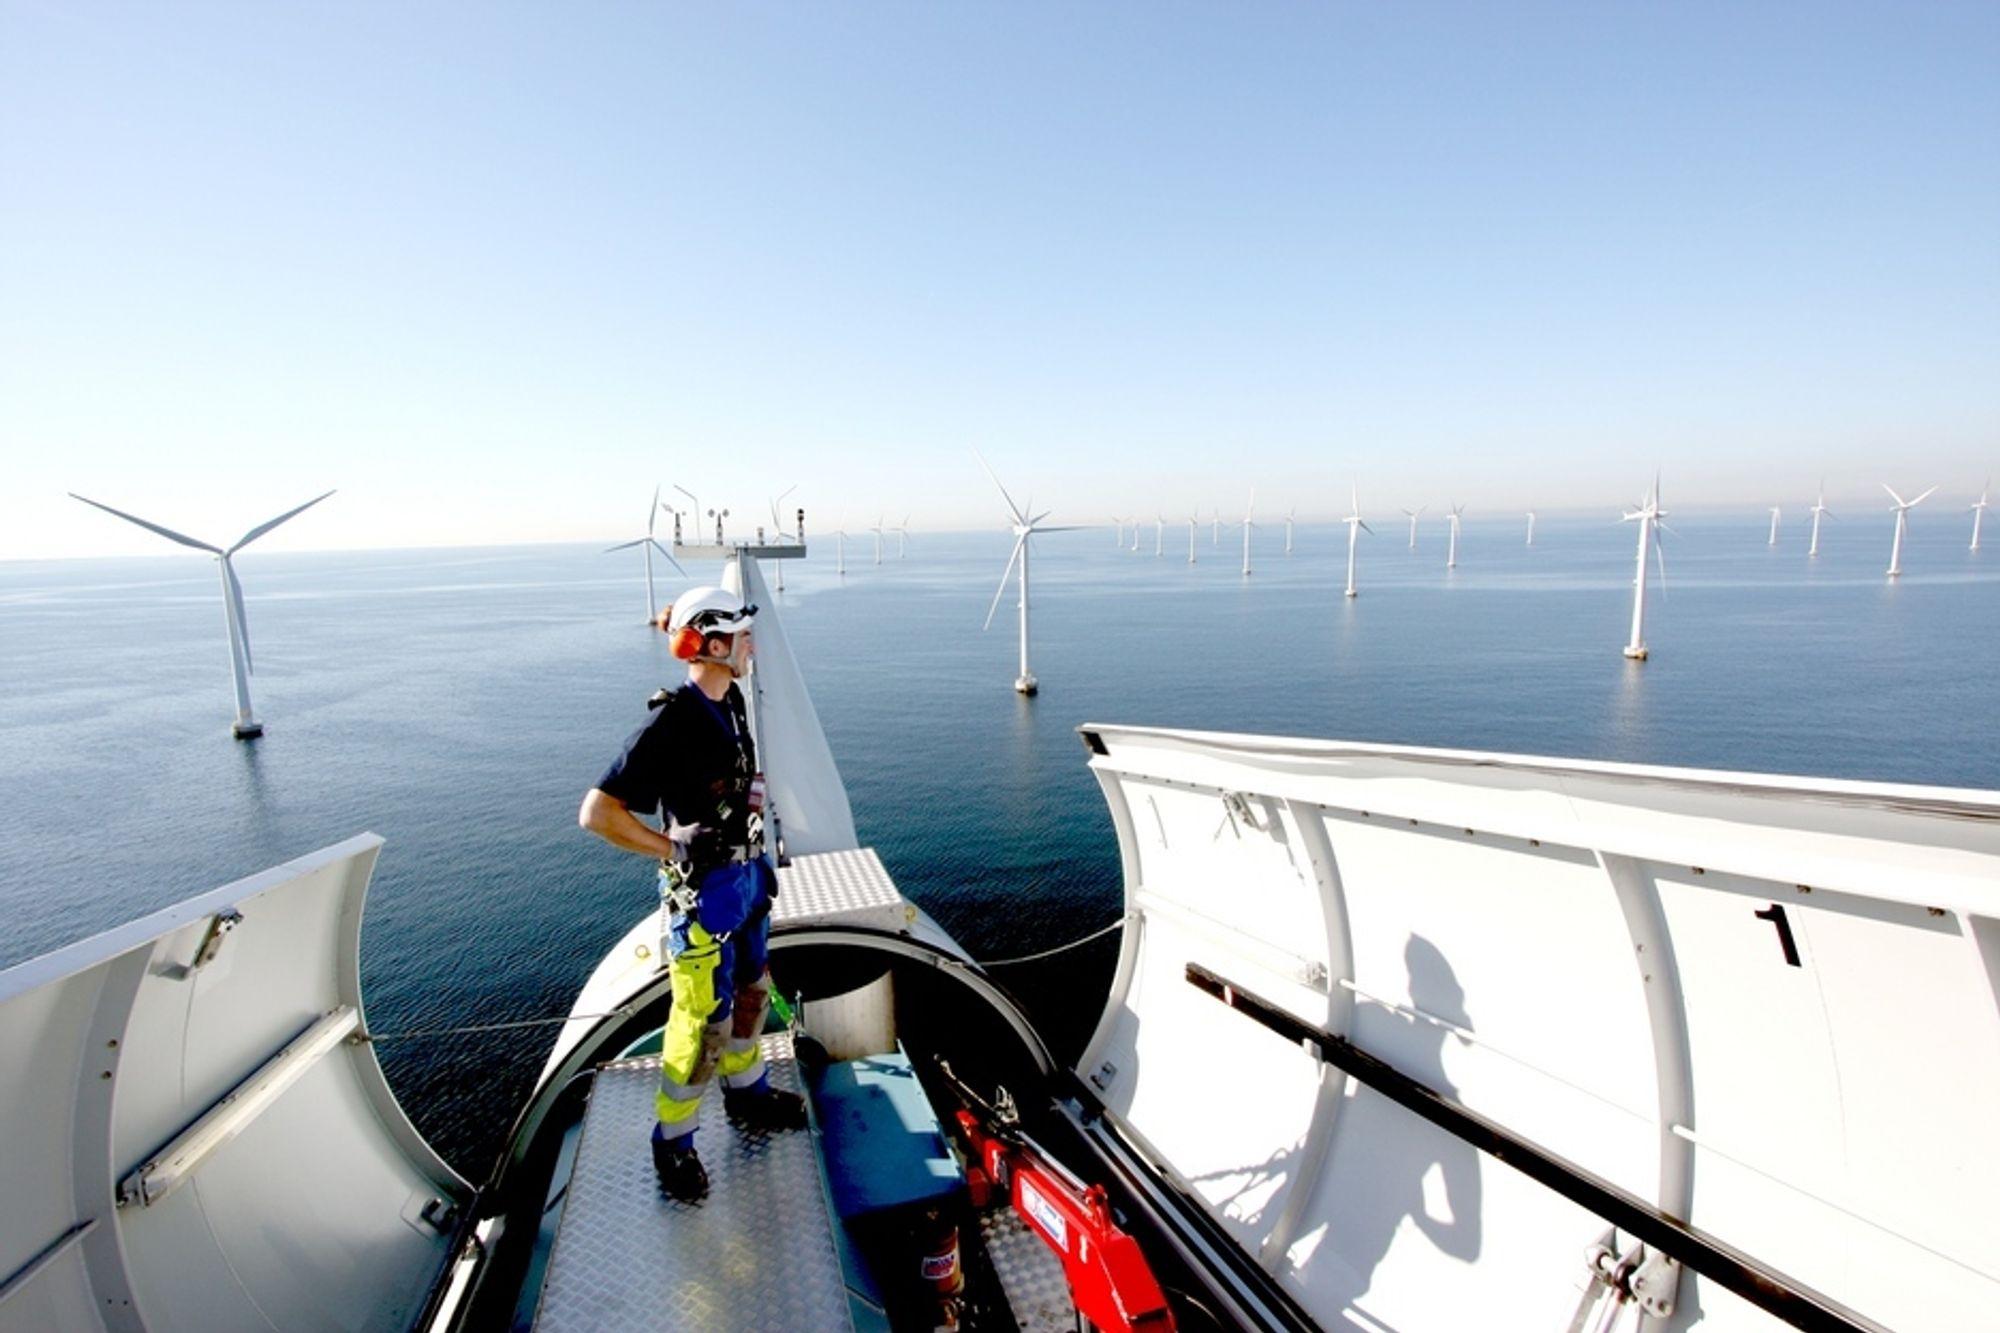 TIDLIG PARK: Dette er havvindparken Lillgrund i Sverige på rundt 90 MW. Parkene som bygges nå er langt større. I fjor ble det installert 883 MW havvind i Europa fordelt på ni prosjekter, ifølge EWEA. Det er over 50 prosent mer enn året før, og 3000 nye MW er under bygging.